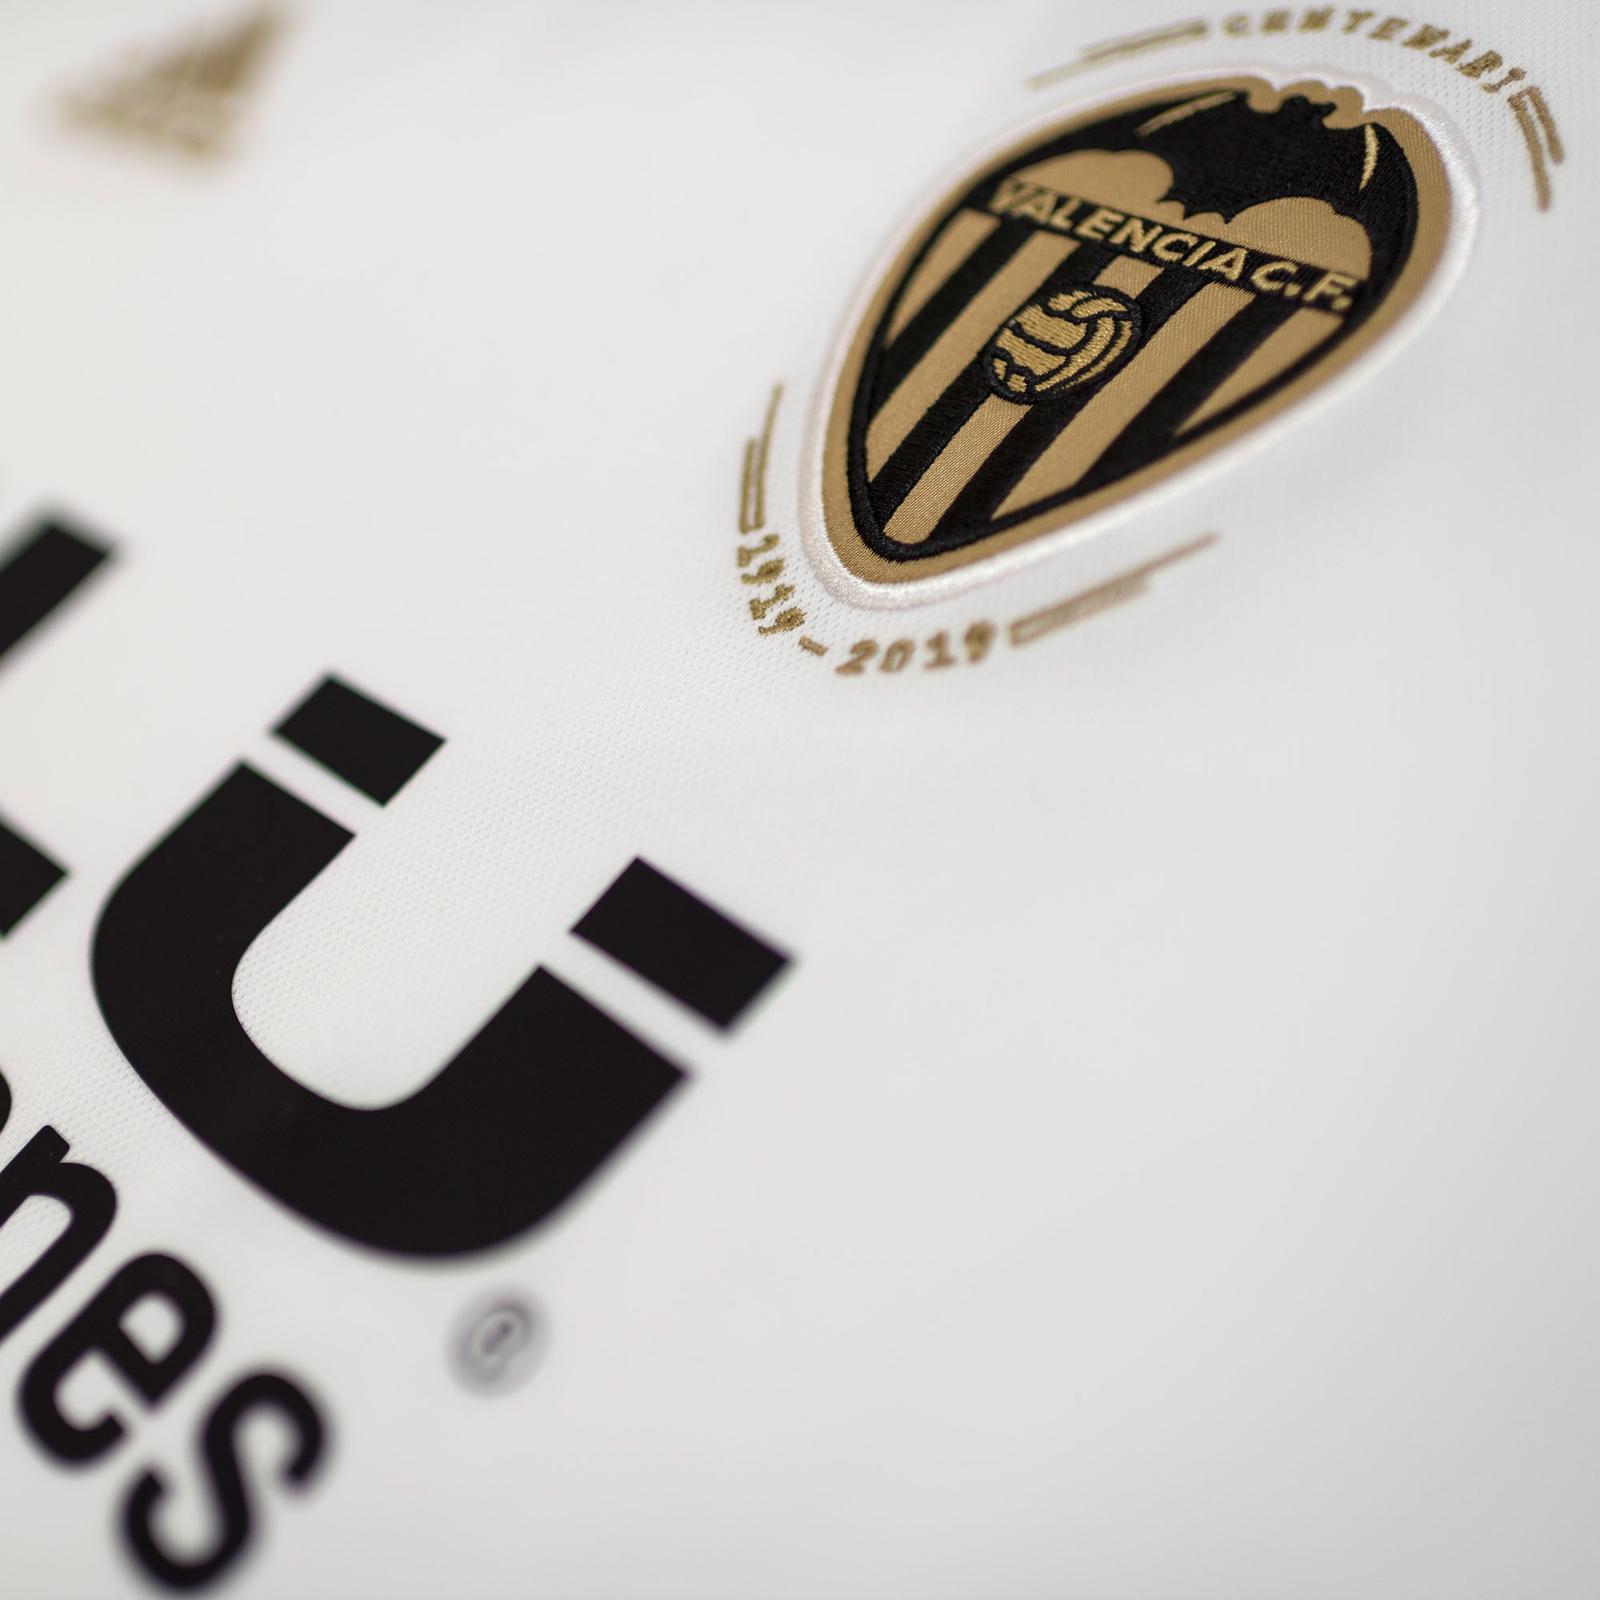 Valencia 18-19 Centenary Home Kit Released - Footy Headlines